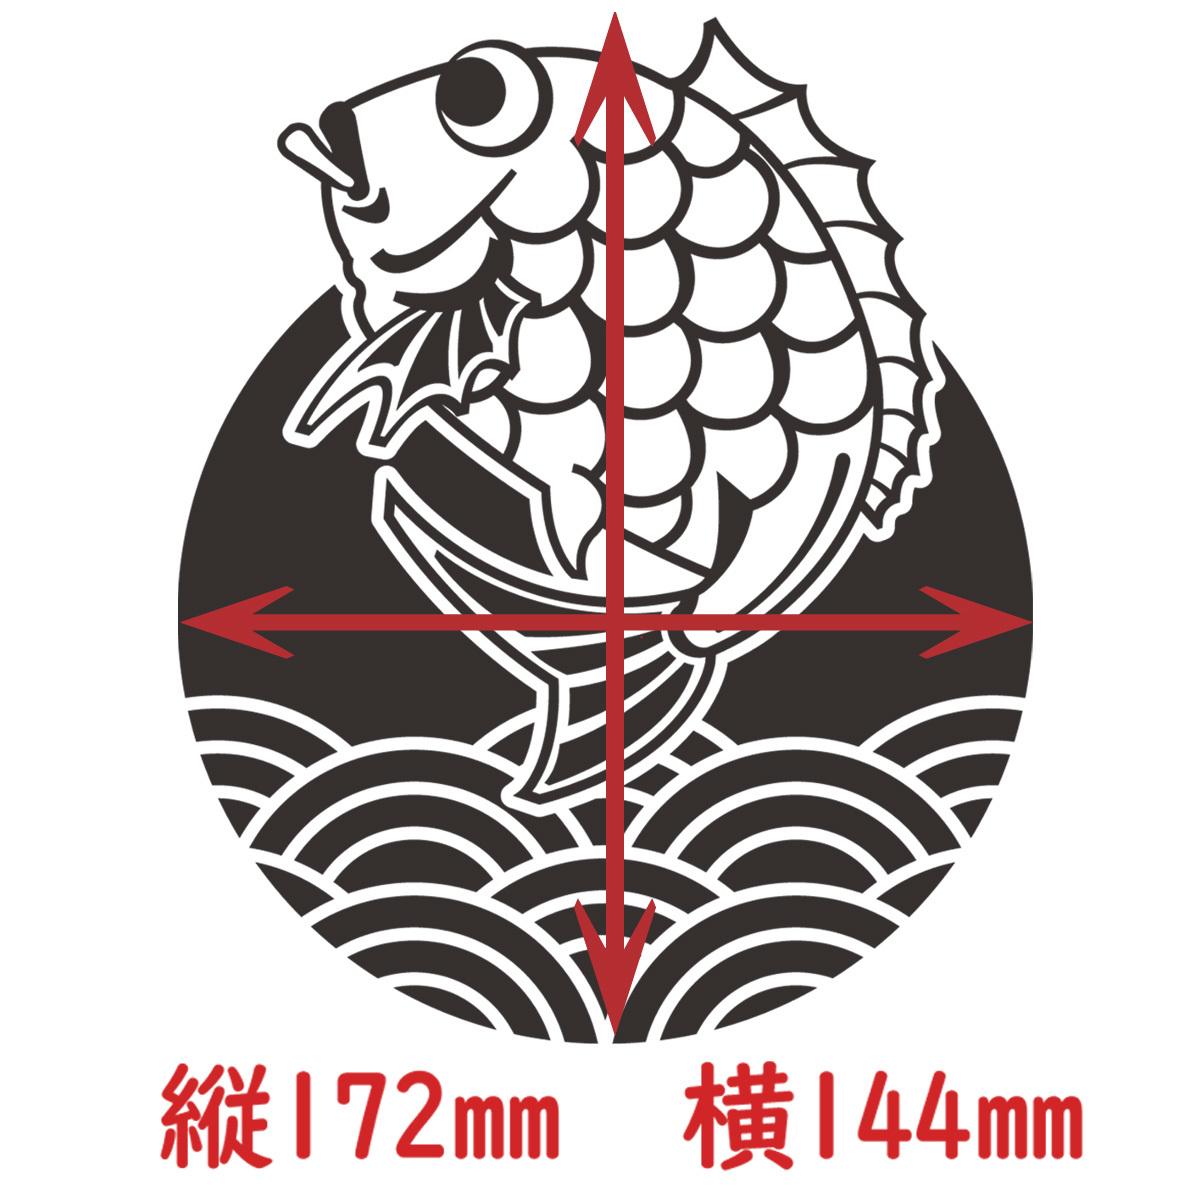 鯛と青海波 釣り フィッシングステッカー 金色または銀色  516_画像3